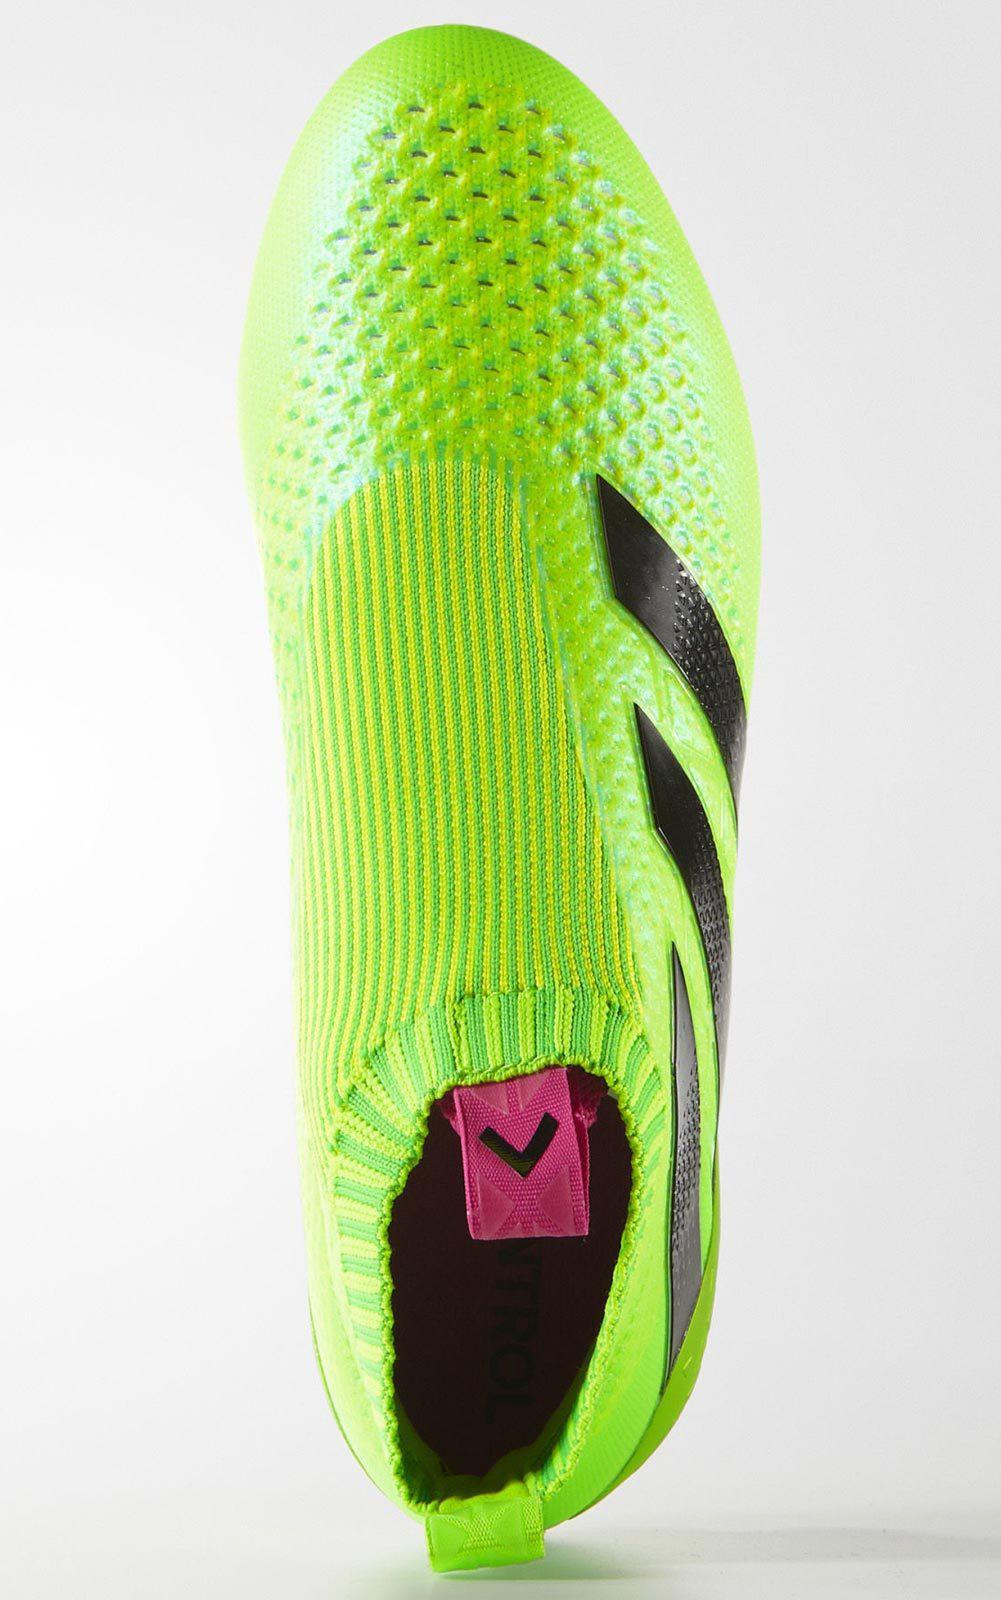 Bild der grünen Fussballschuhe  adidas ace16+ purecontrol.